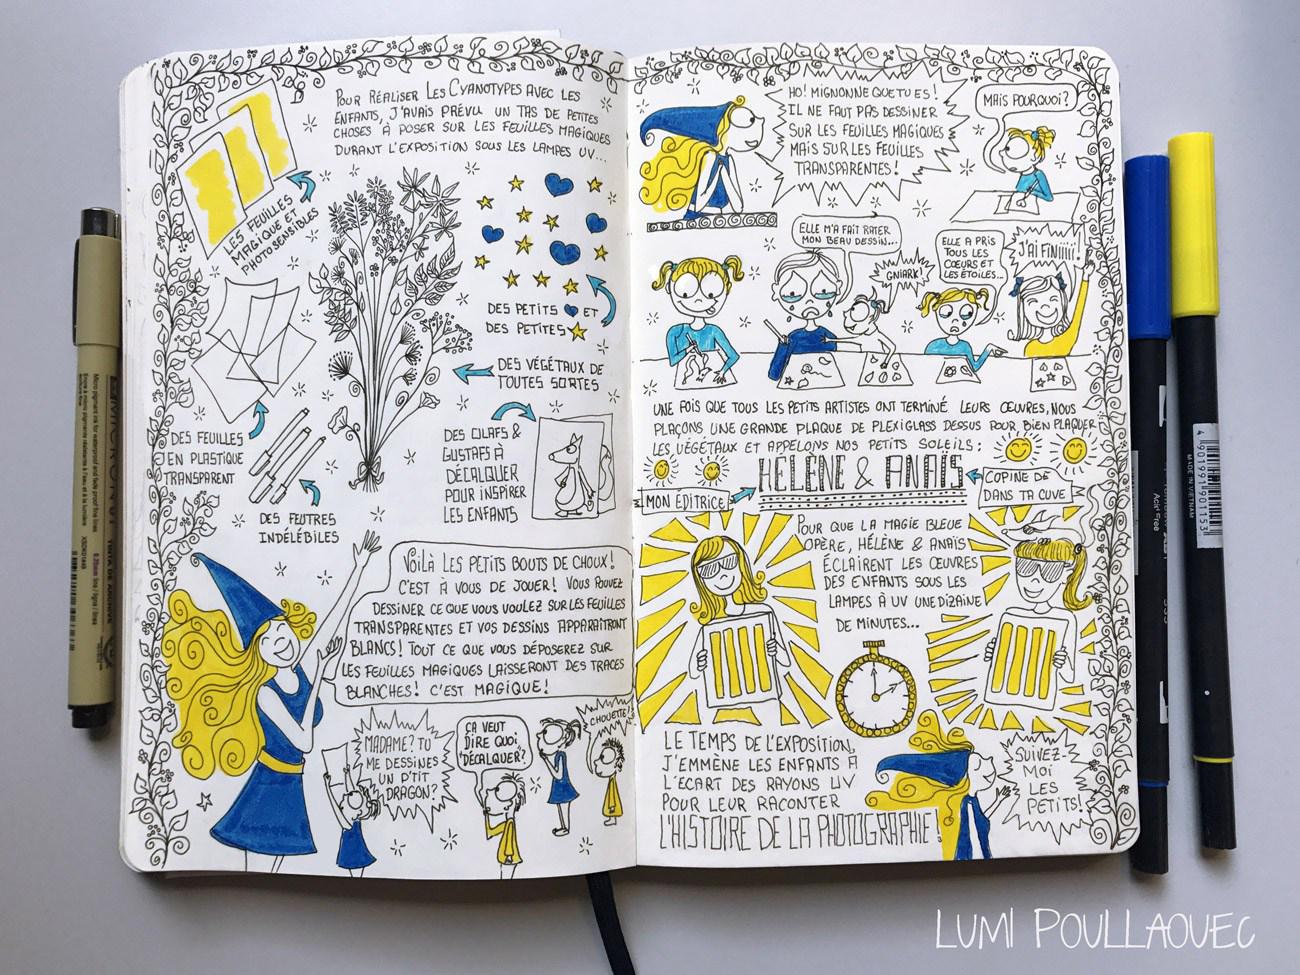 Magie Bleue au Salon de la photo – Episode 3